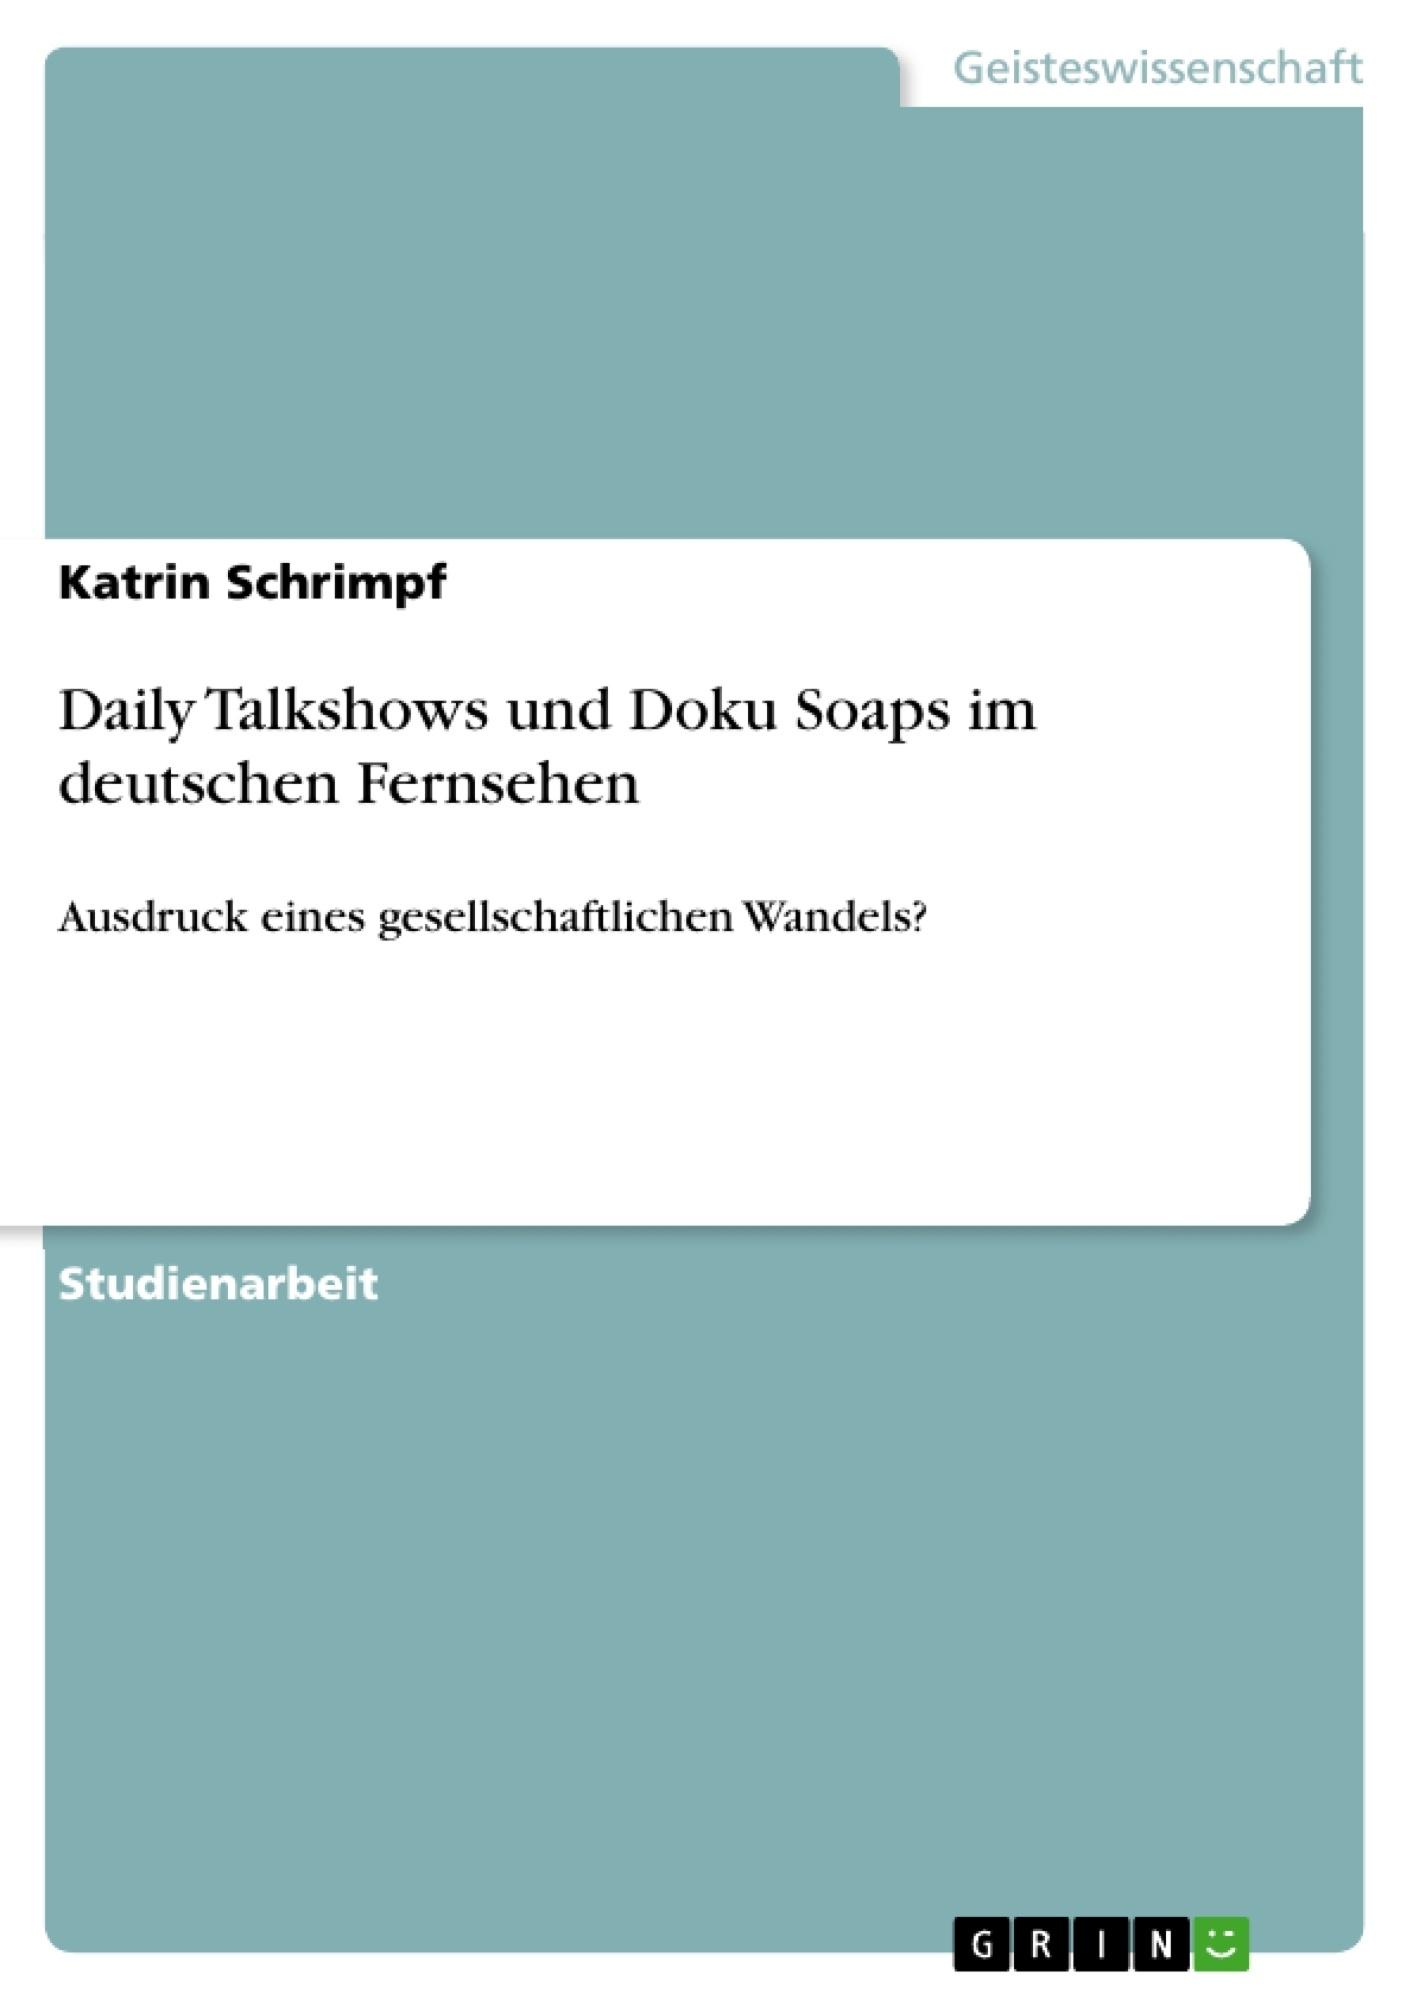 Titel: Daily Talkshows und Doku Soaps im deutschen Fernsehen